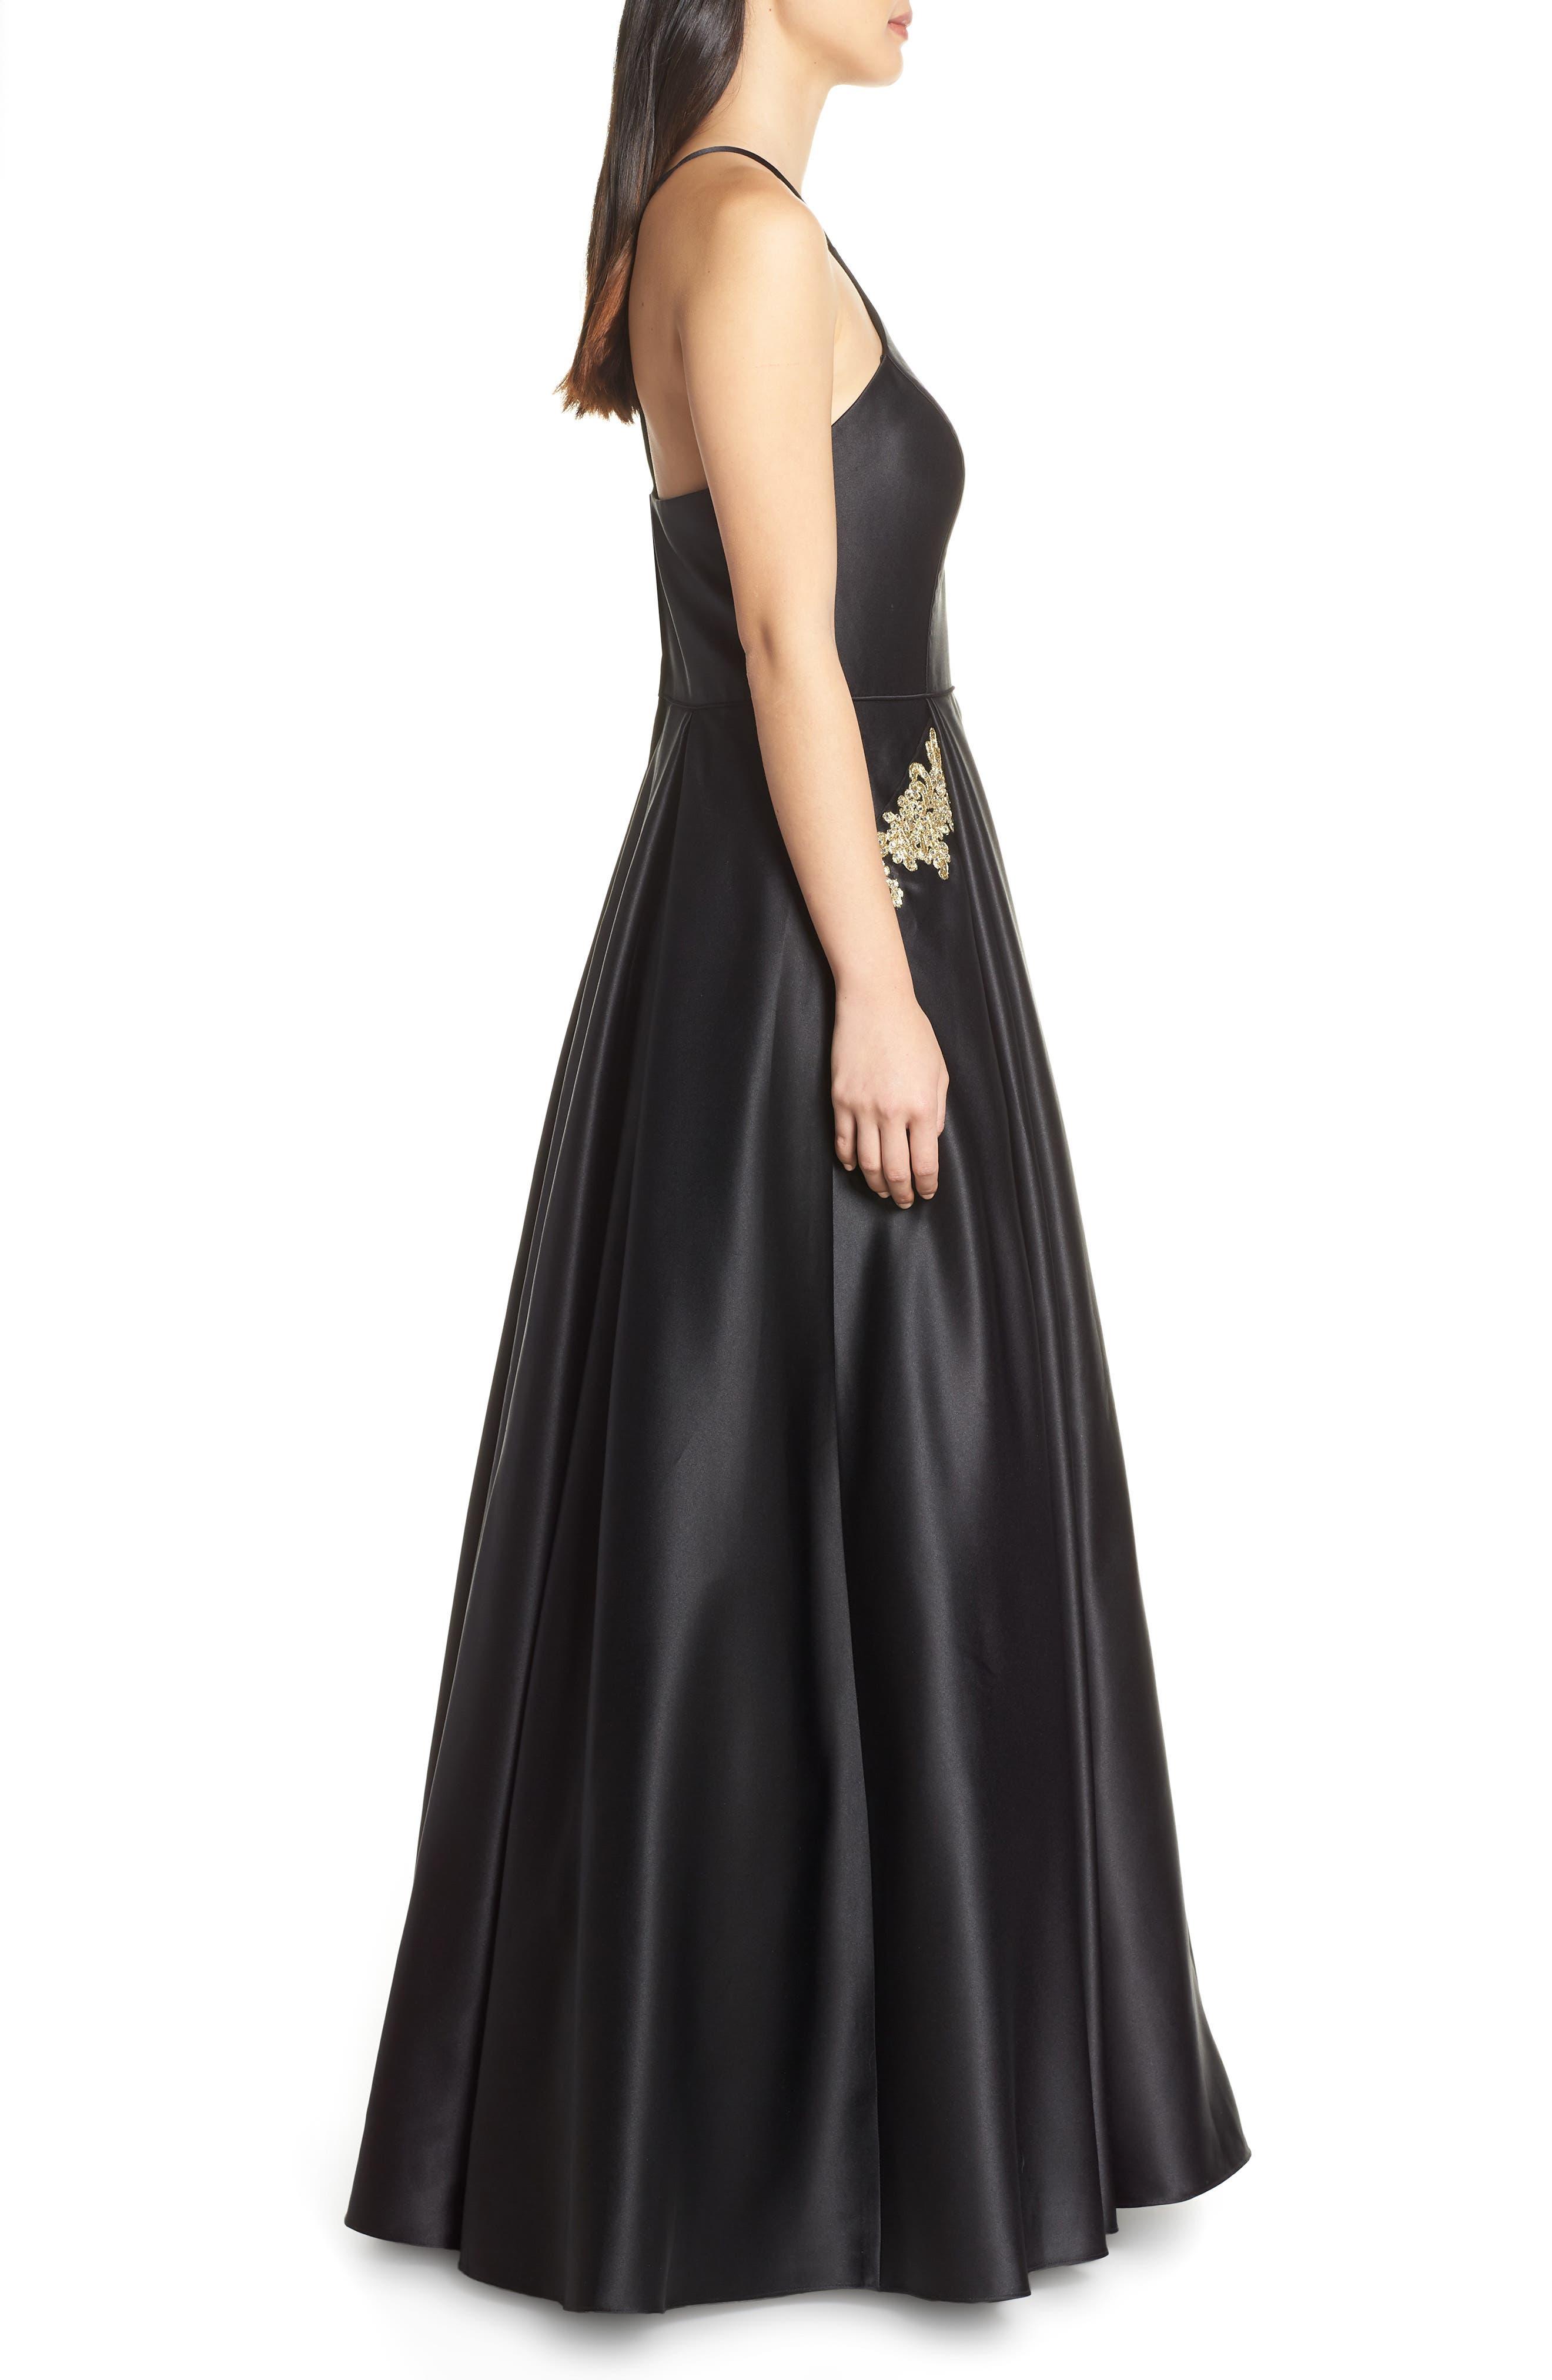 BLONDIE NITES, Halter Neck Embellished Pocket Satin Evening Dress, Alternate thumbnail 4, color, BLACK/ GOLD